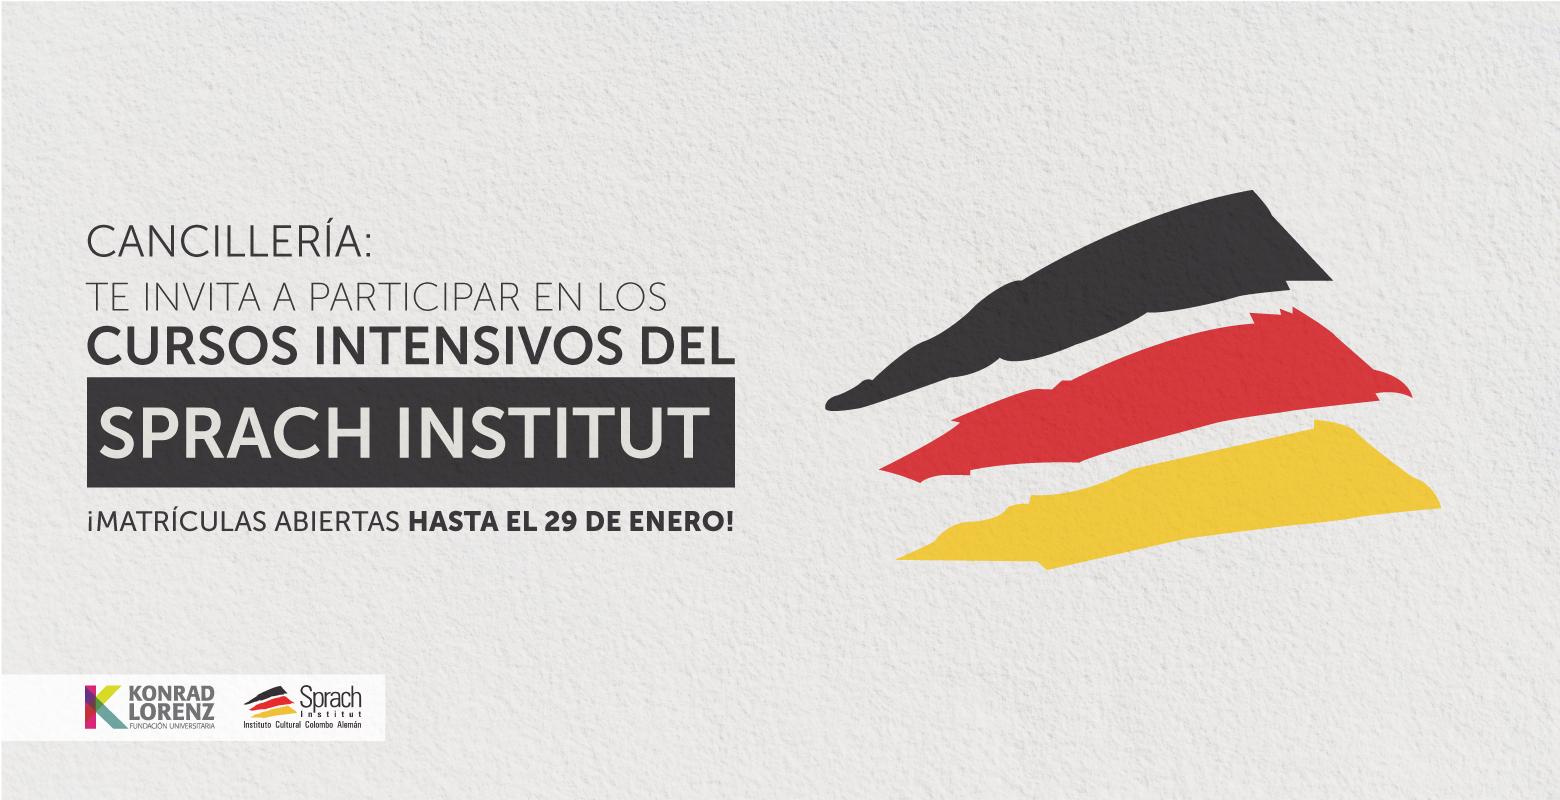 Cancillería: Participa en los Cursos Intensivos del Sprach Institut